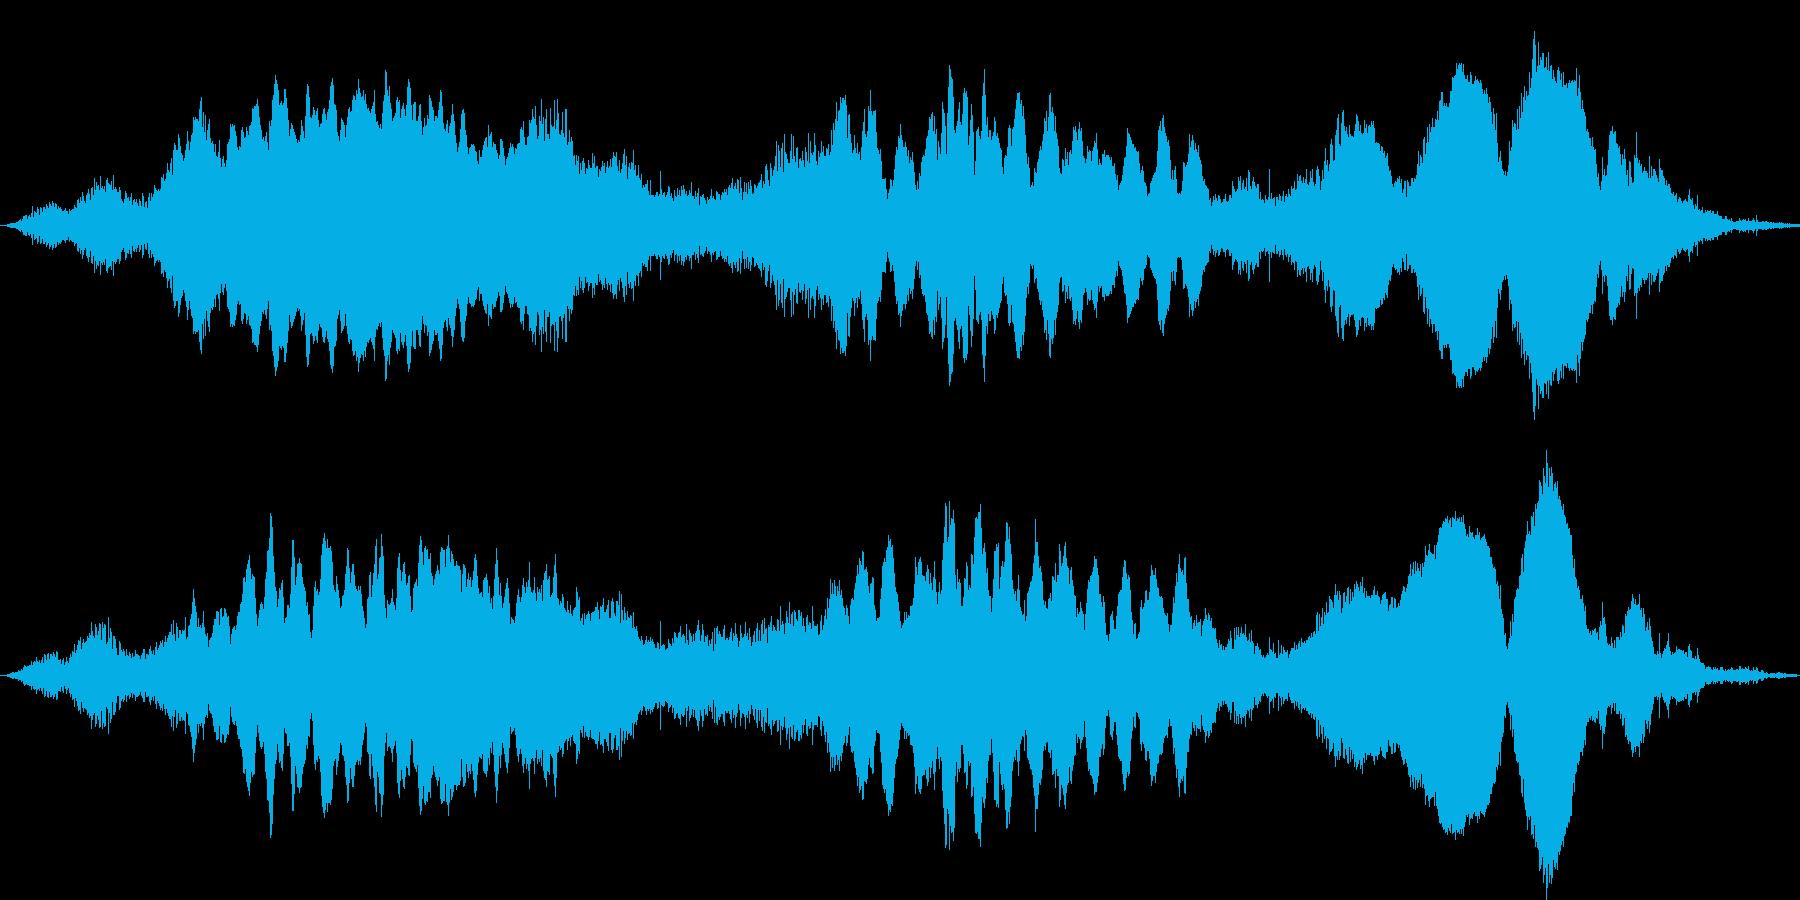 海の底まで落ちていく雰囲気のホラーBGMの再生済みの波形